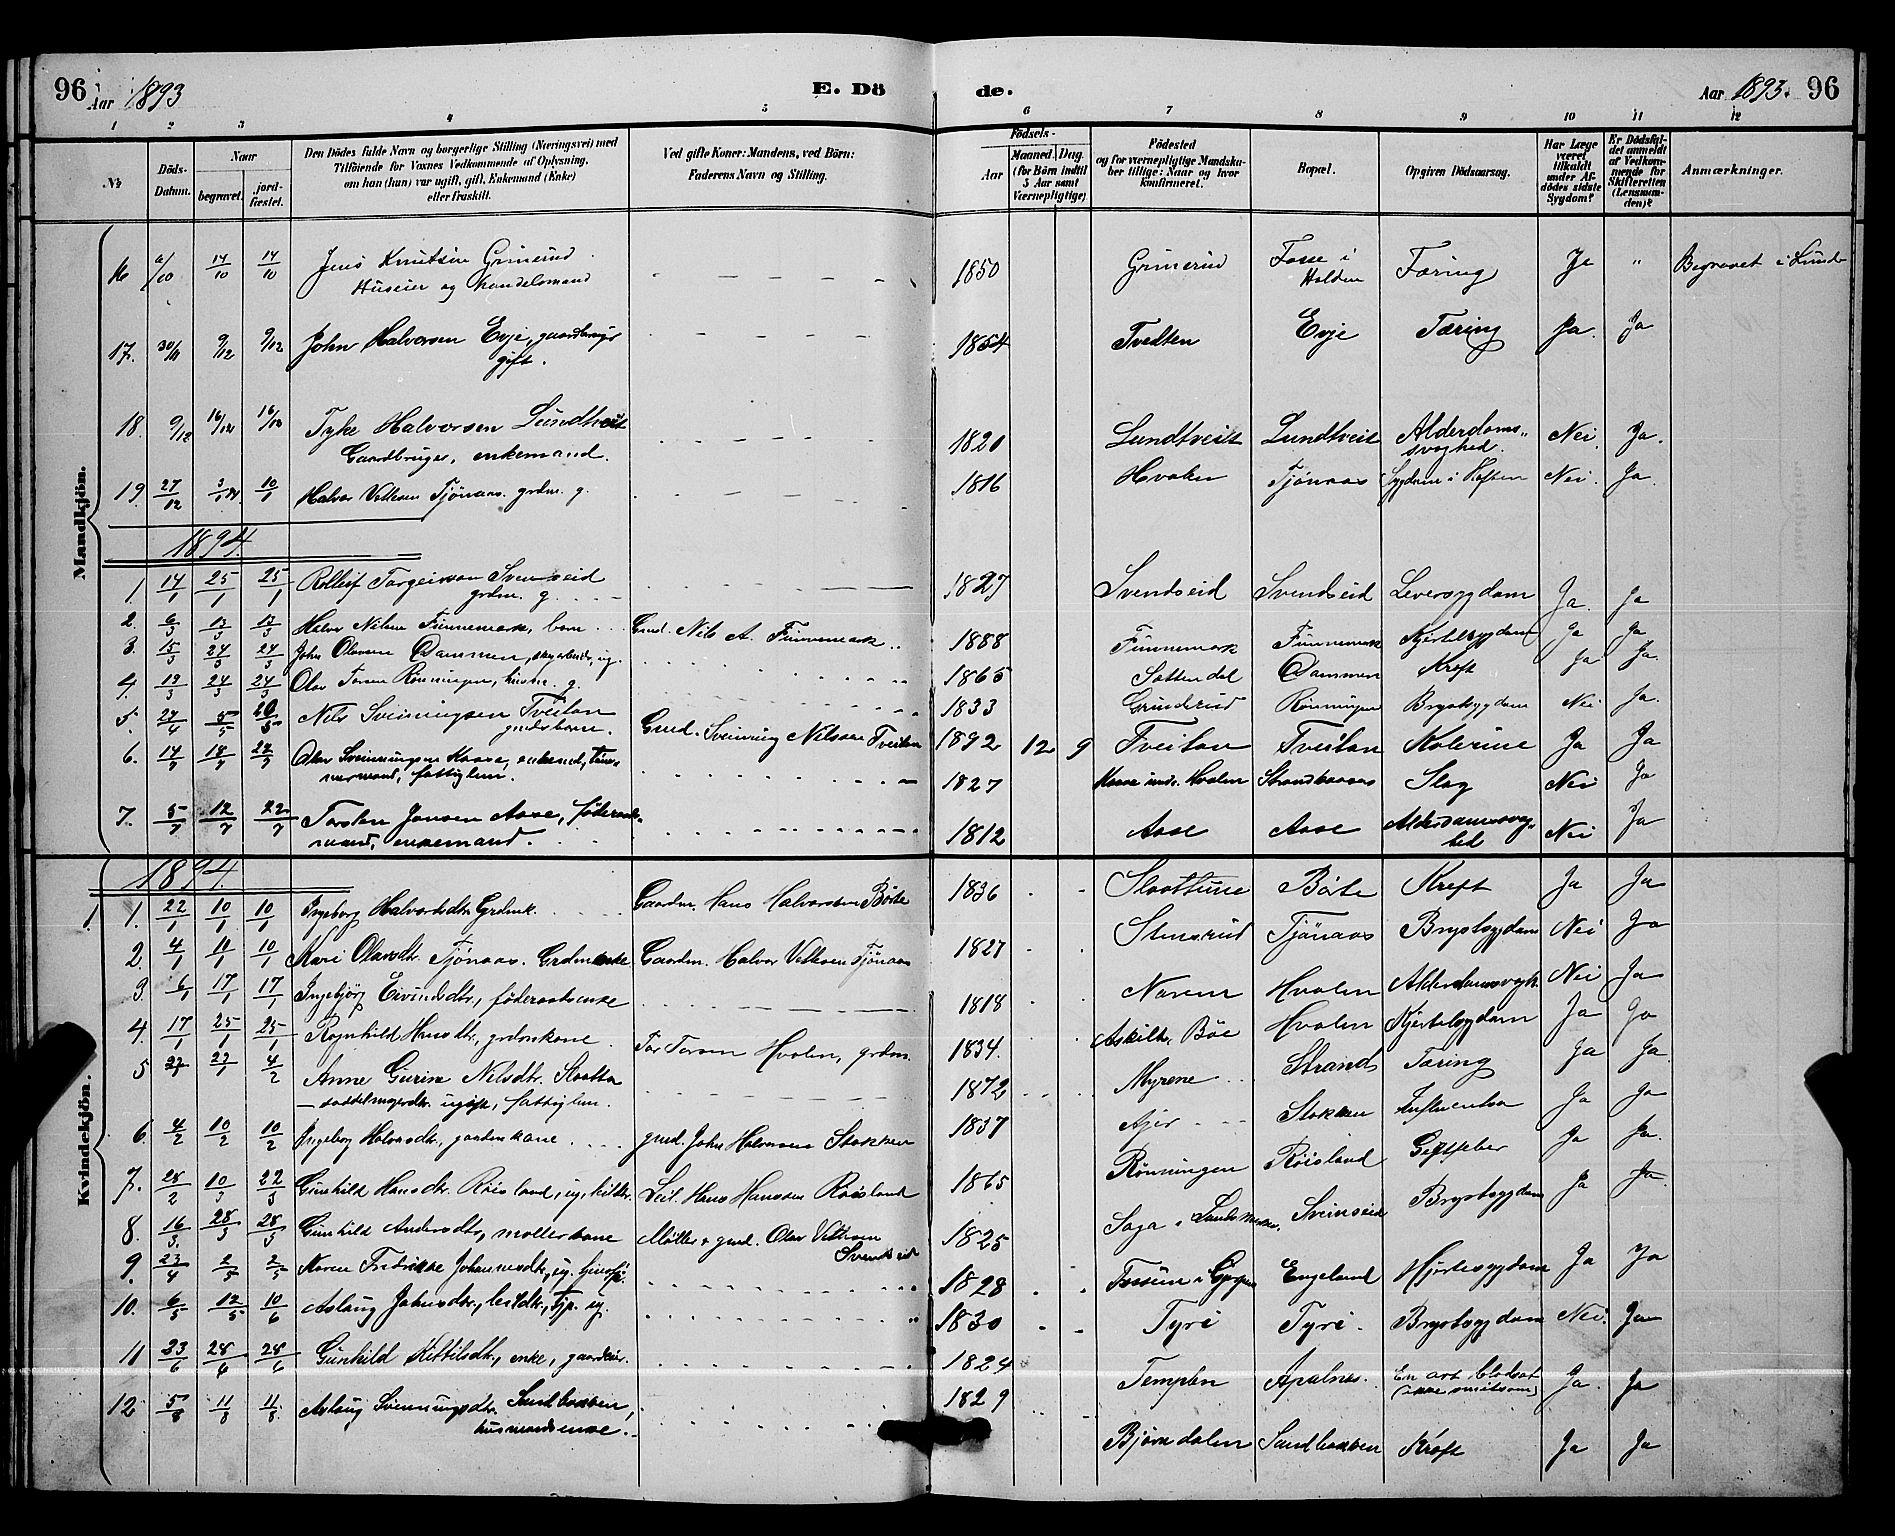 SAKO, Lunde kirkebøker, G/Ga/L0002: Klokkerbok nr. I 2, 1887-1896, s. 96